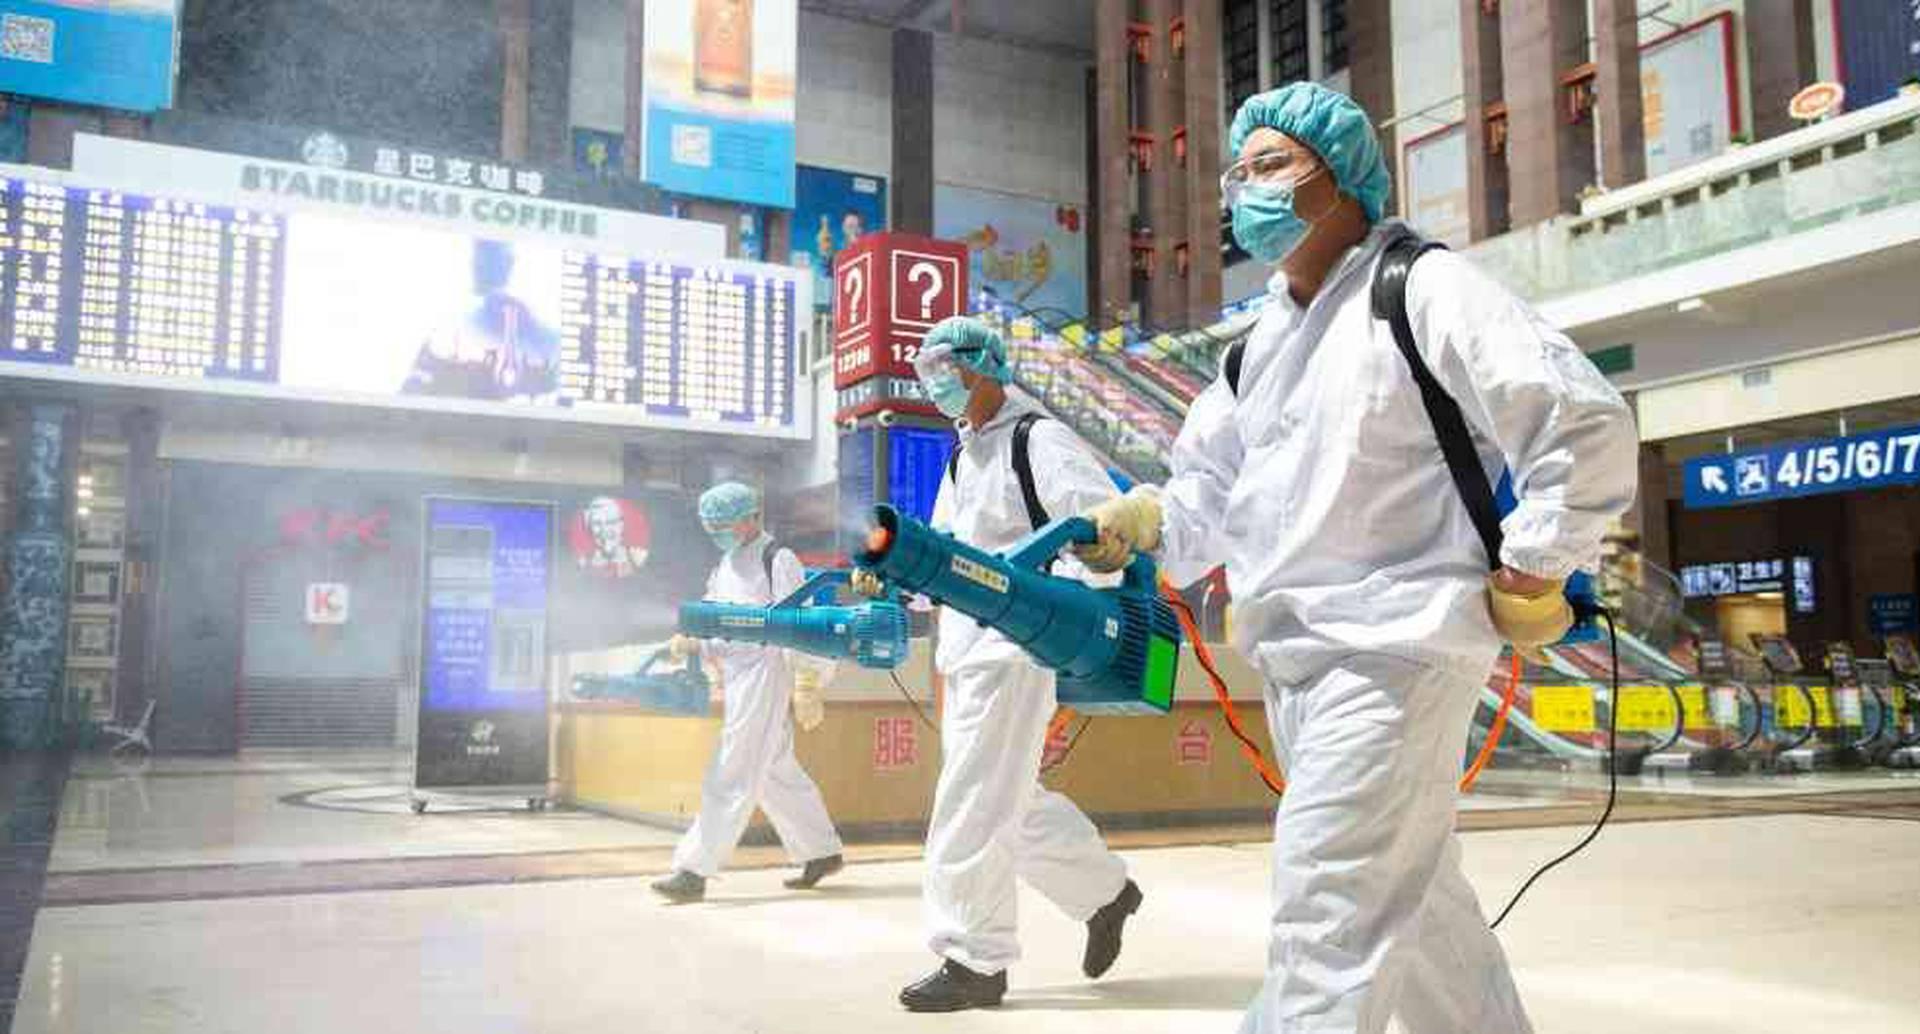 Pekín registró hasta la fecha 183 enfermos de la covid-19 debido al nuevo brote, según cifras oficiales.